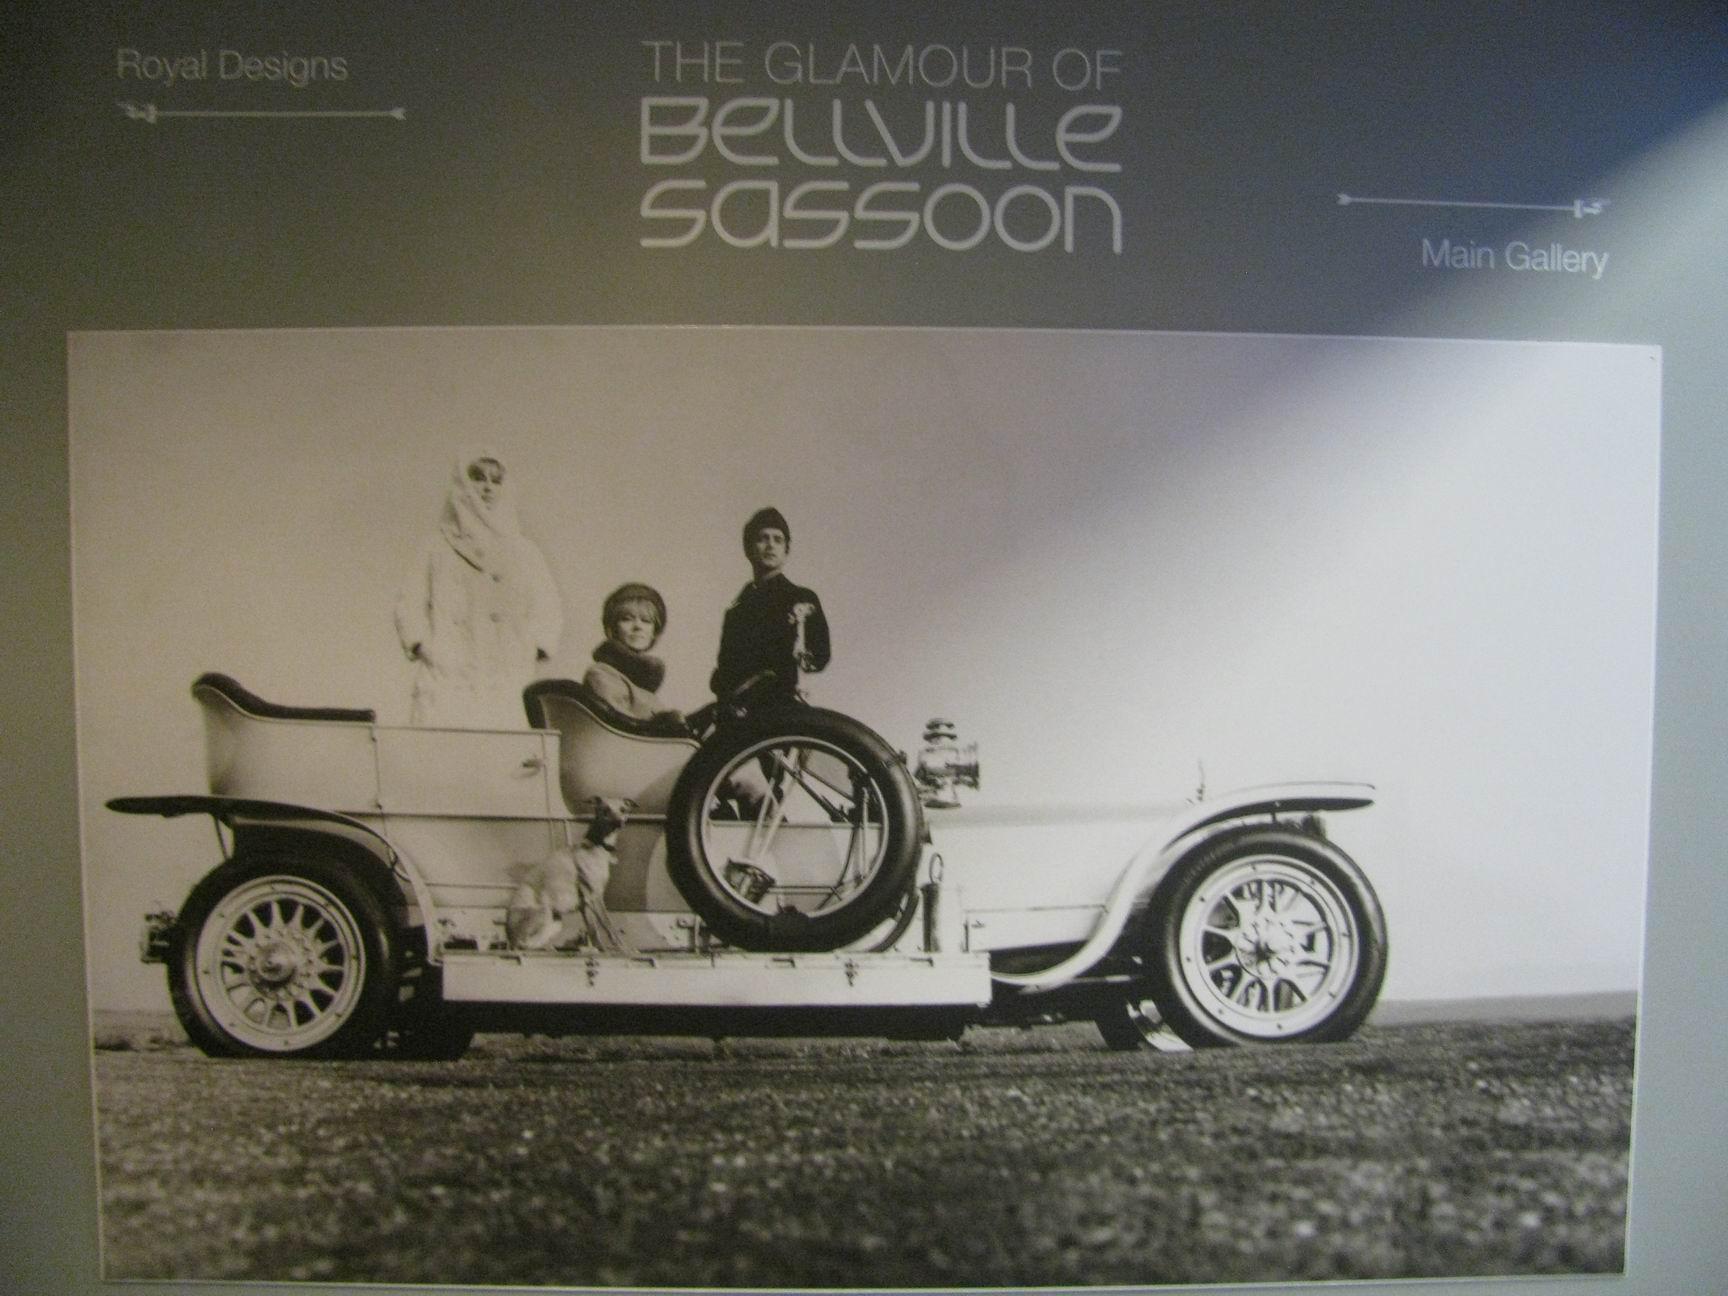 Wystawa The Glamour of Bellville Sassoon